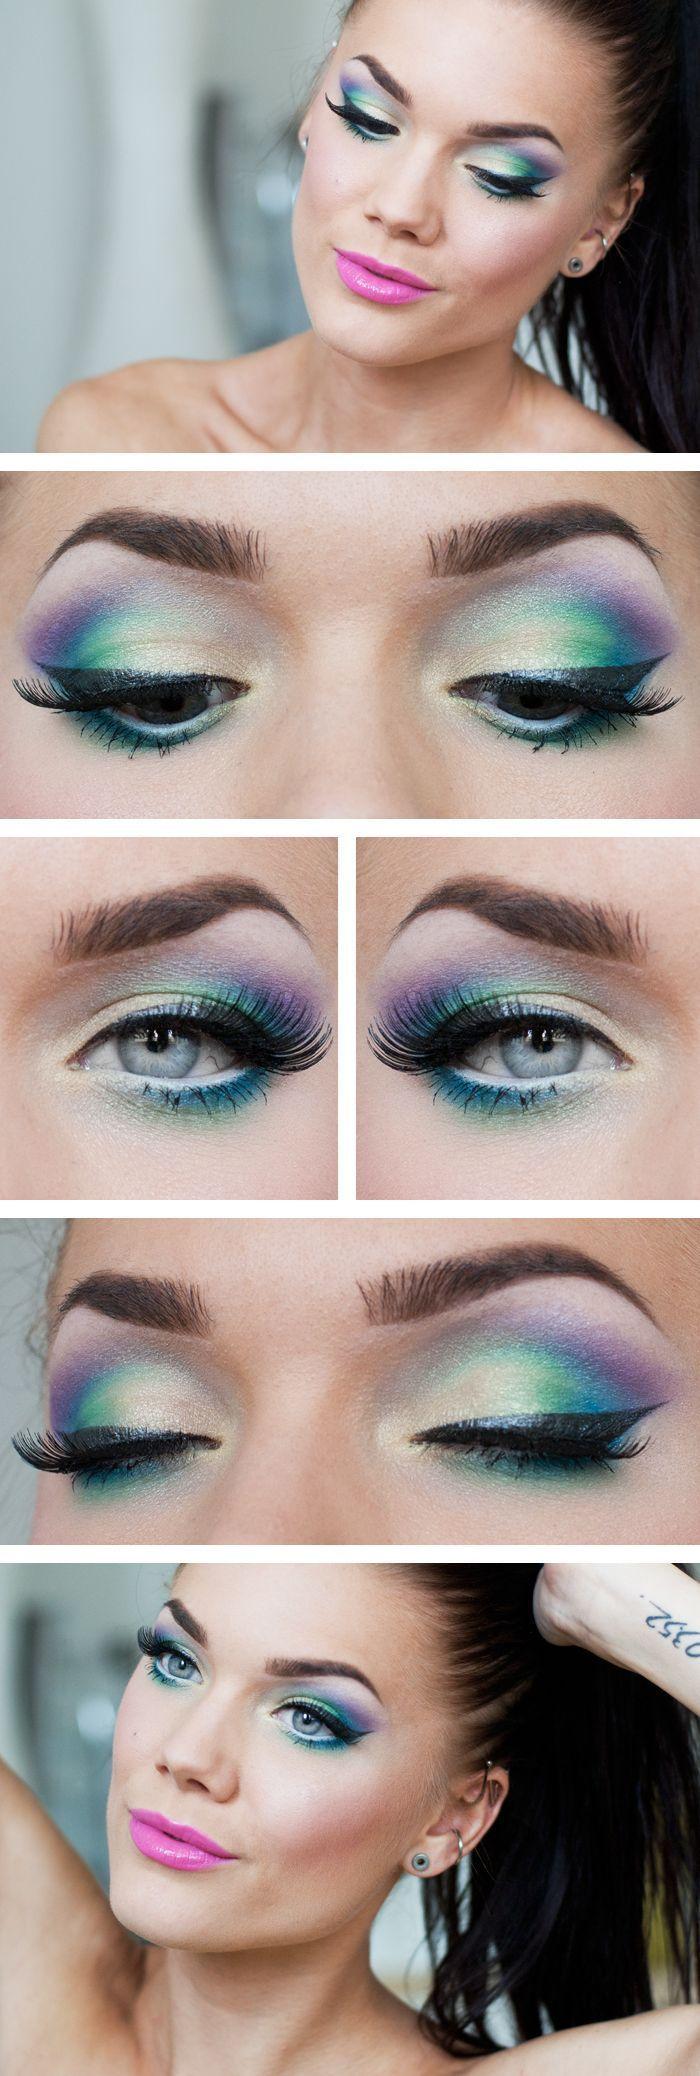 Photo of Simple eye makeup tips for 2019 makeupit com Zykrd #applying #Dont #eye #hrefhtt…